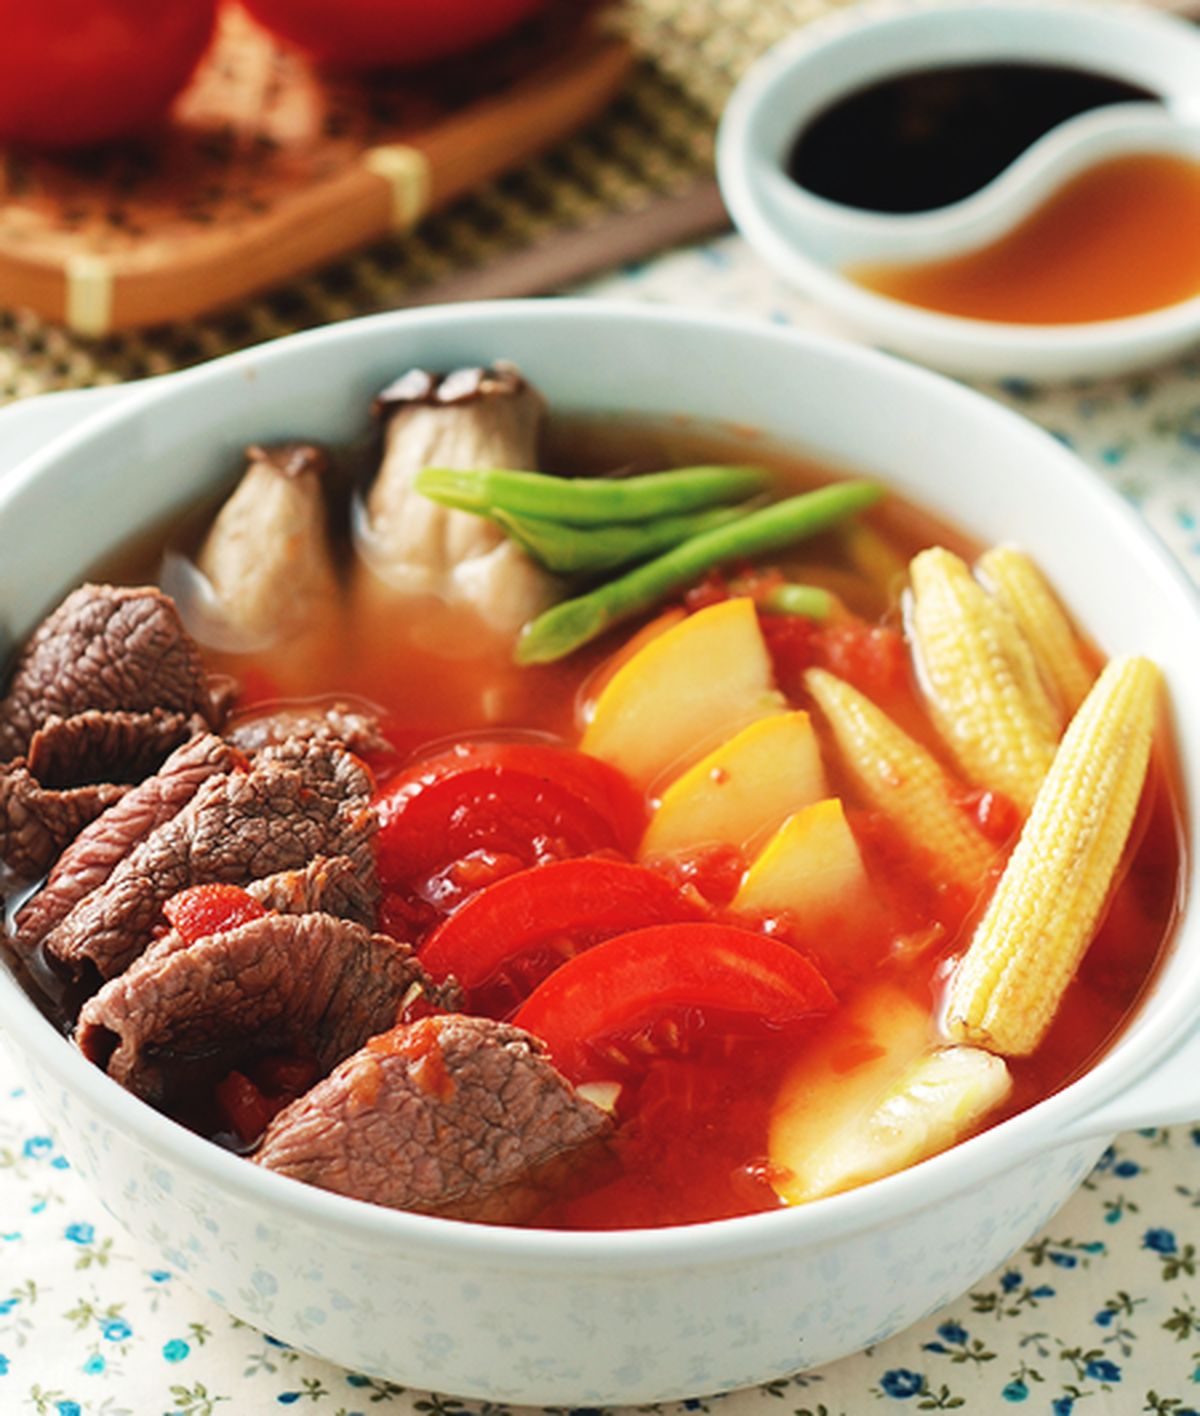 食譜:牛肉蕃茄蔬菜鍋